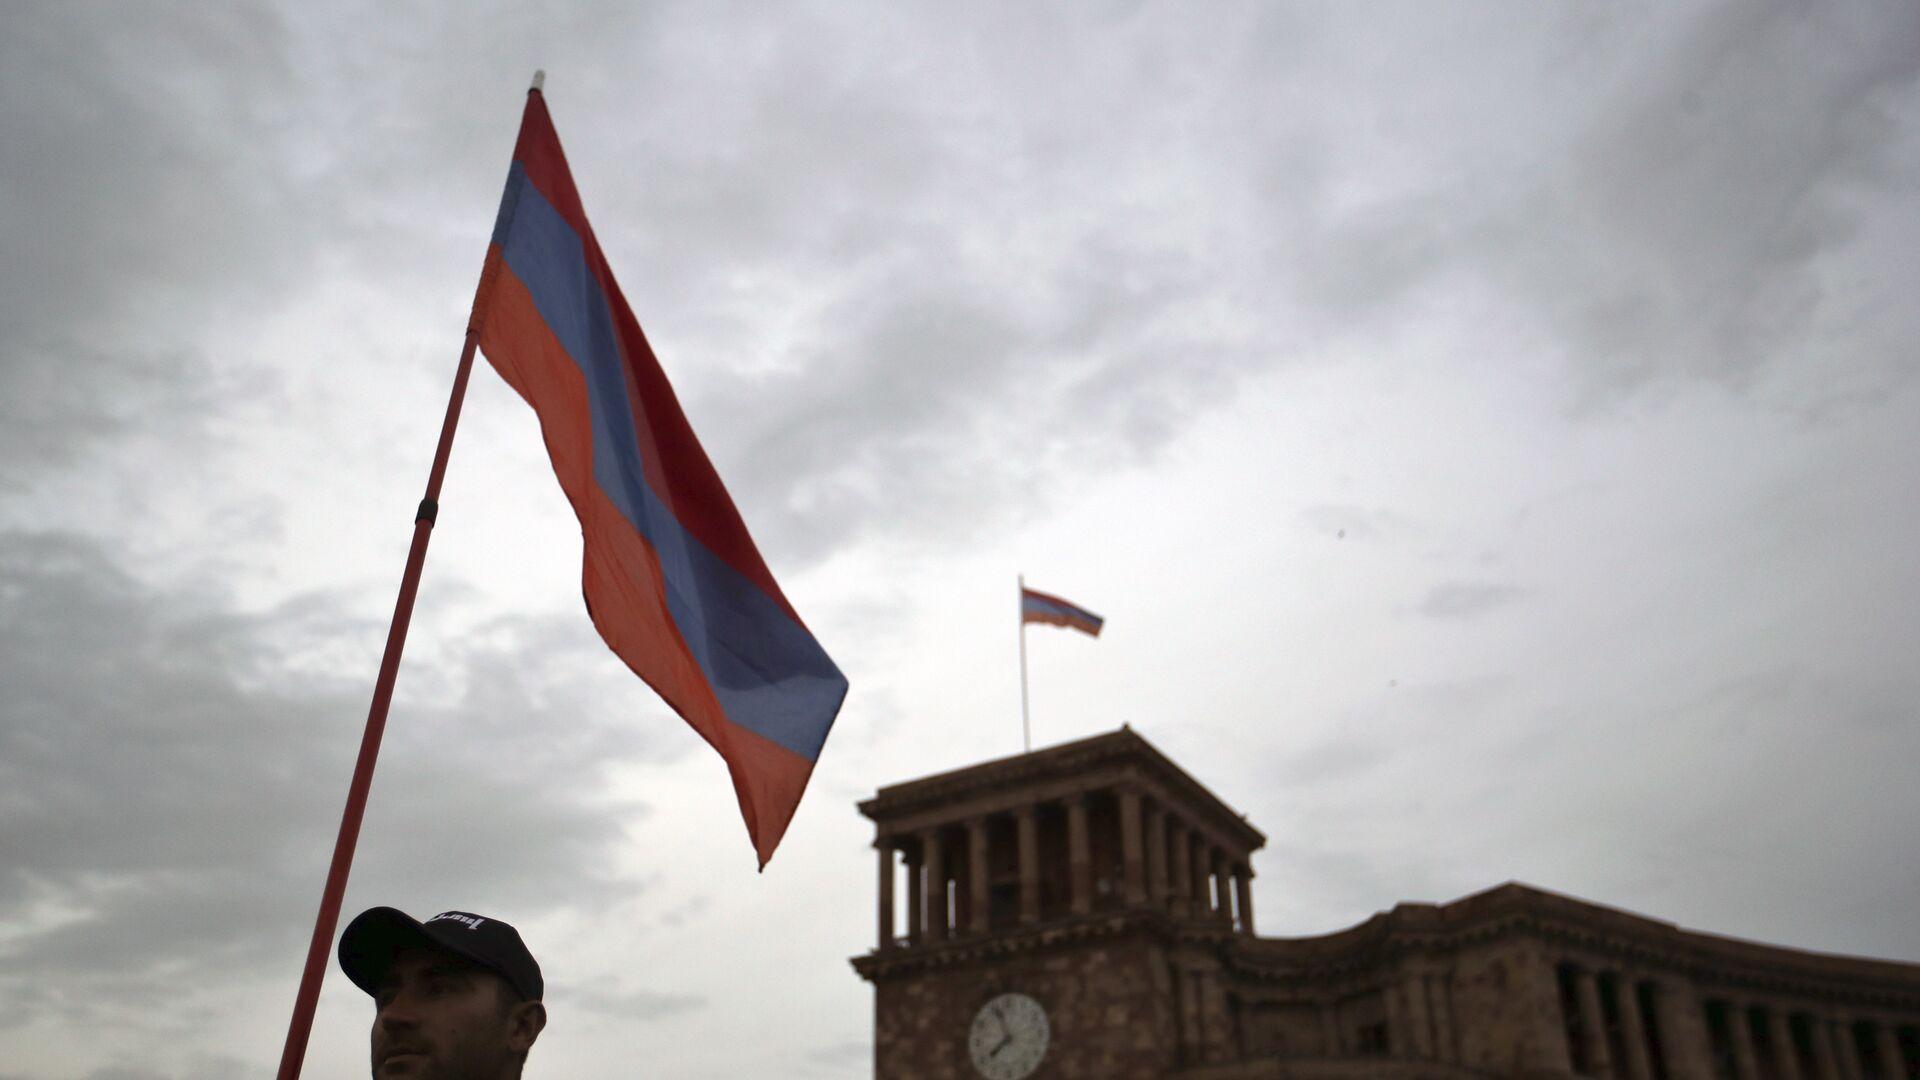 Bandera de Armenia - Sputnik Mundo, 1920, 01.03.2021